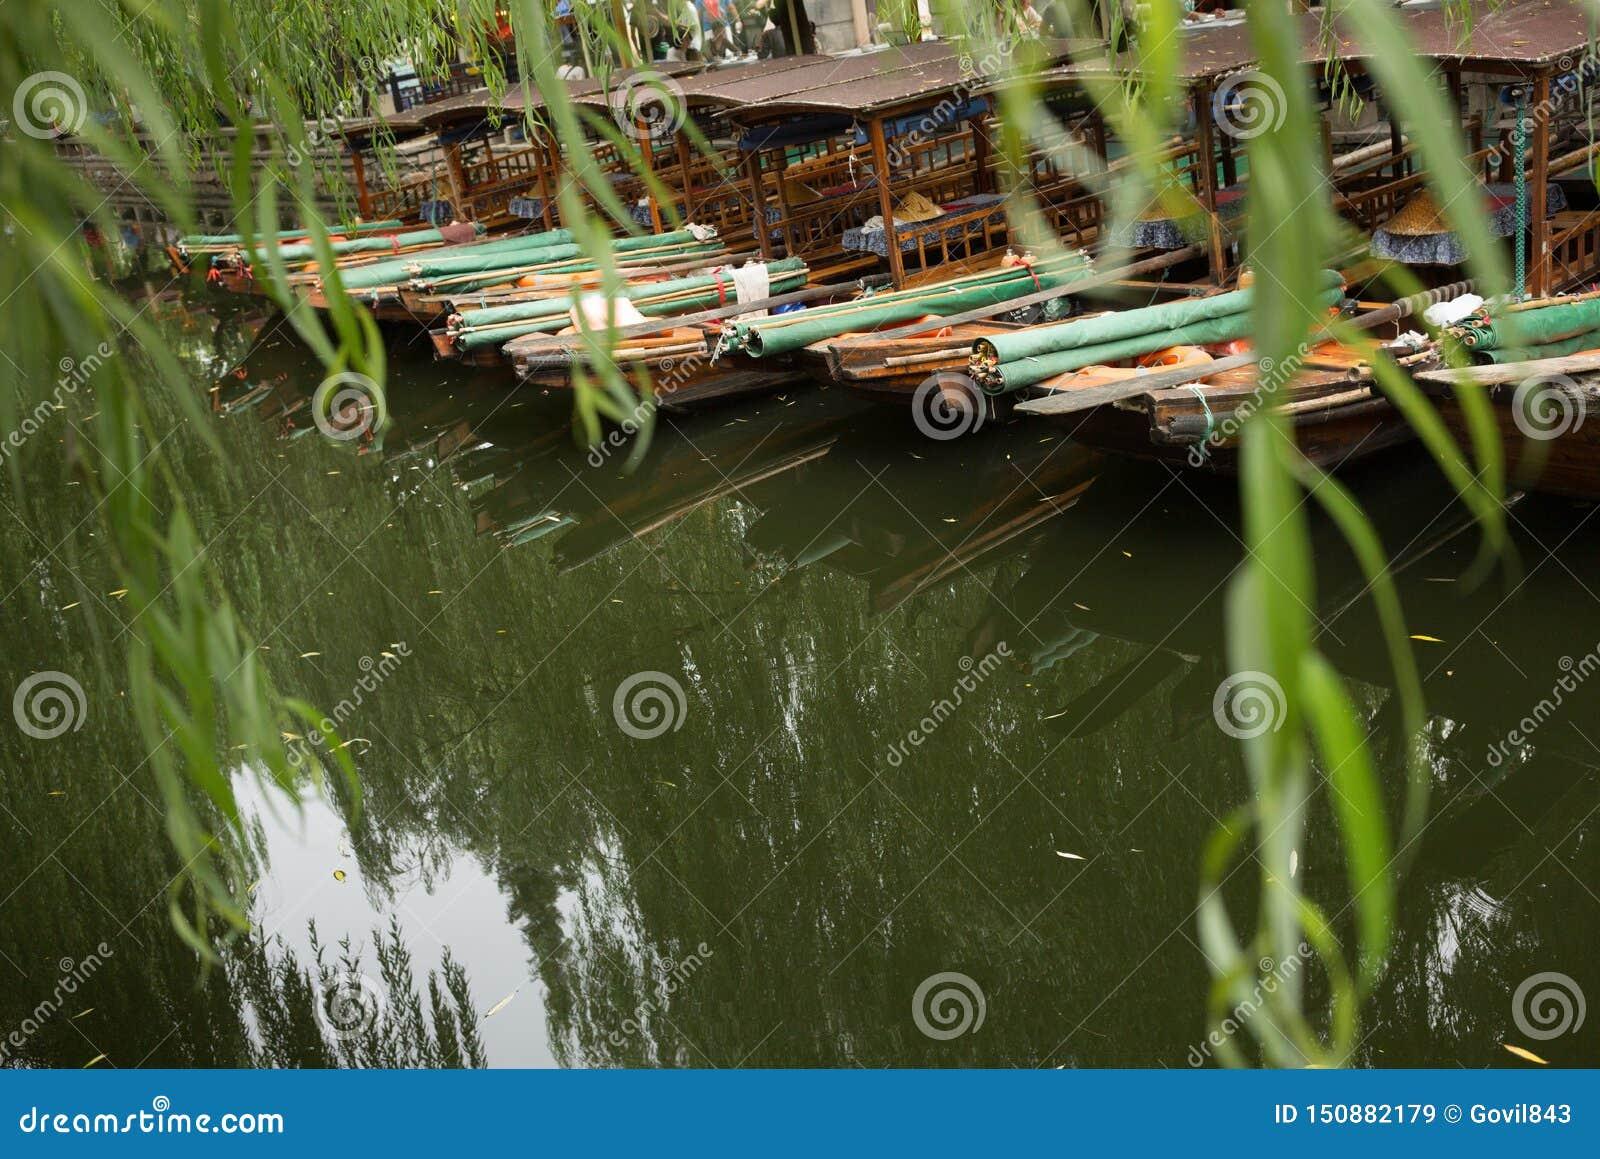 ZHOUZHUANG, CHINA: Timonel que conduce el barco que pasa a través de los canales